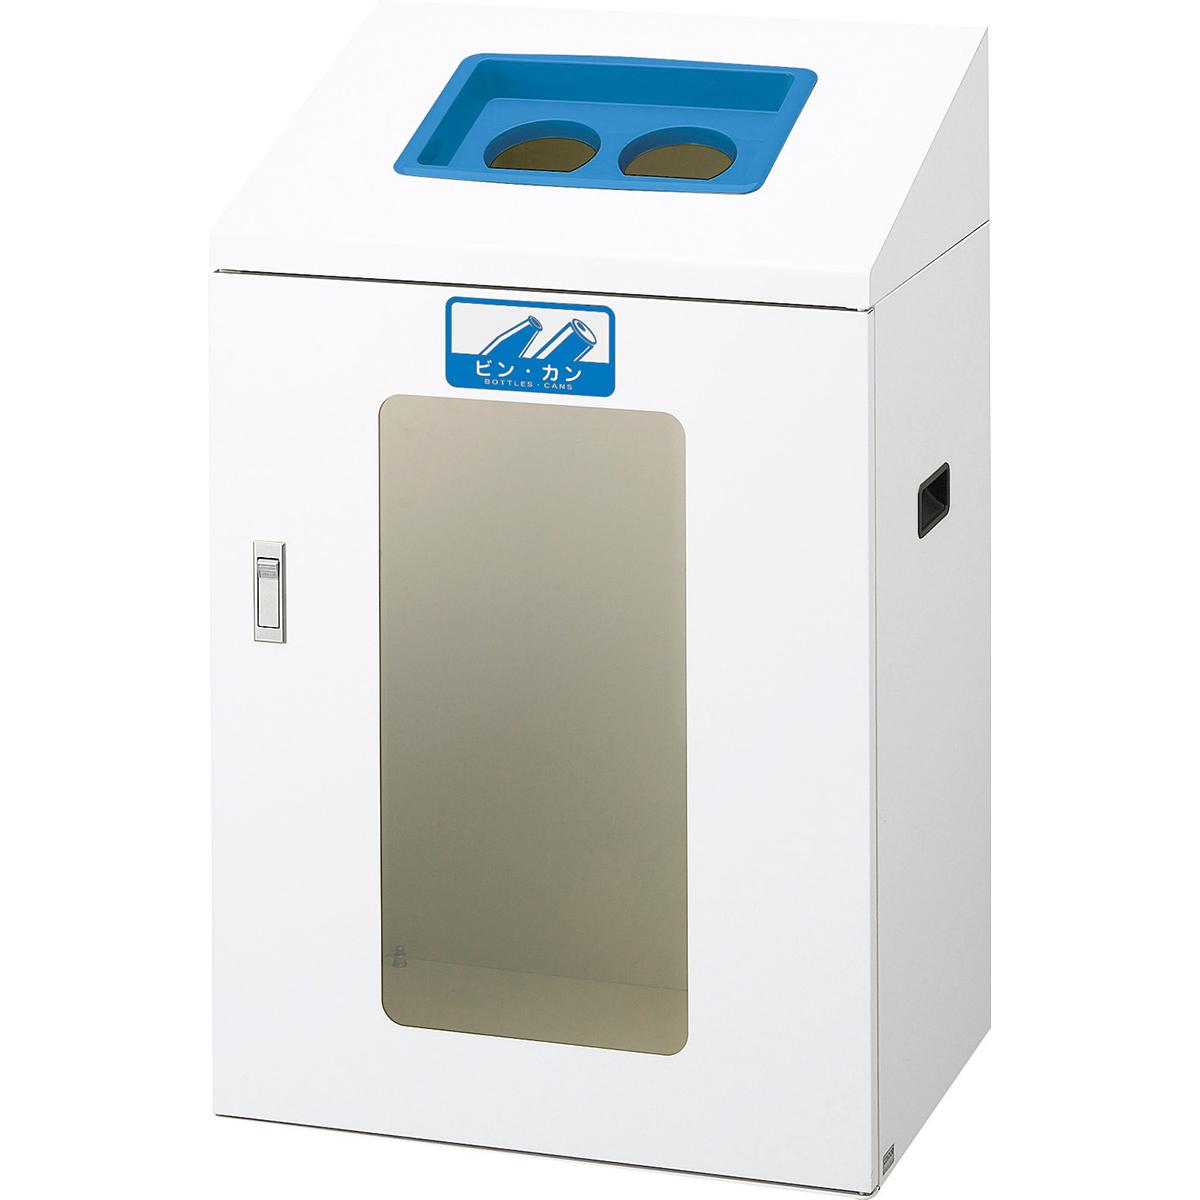 山崎産業 リサイクルボックス YIS-90 120L ビン・カン/BL(青) (代引不可) YW-381L-ID